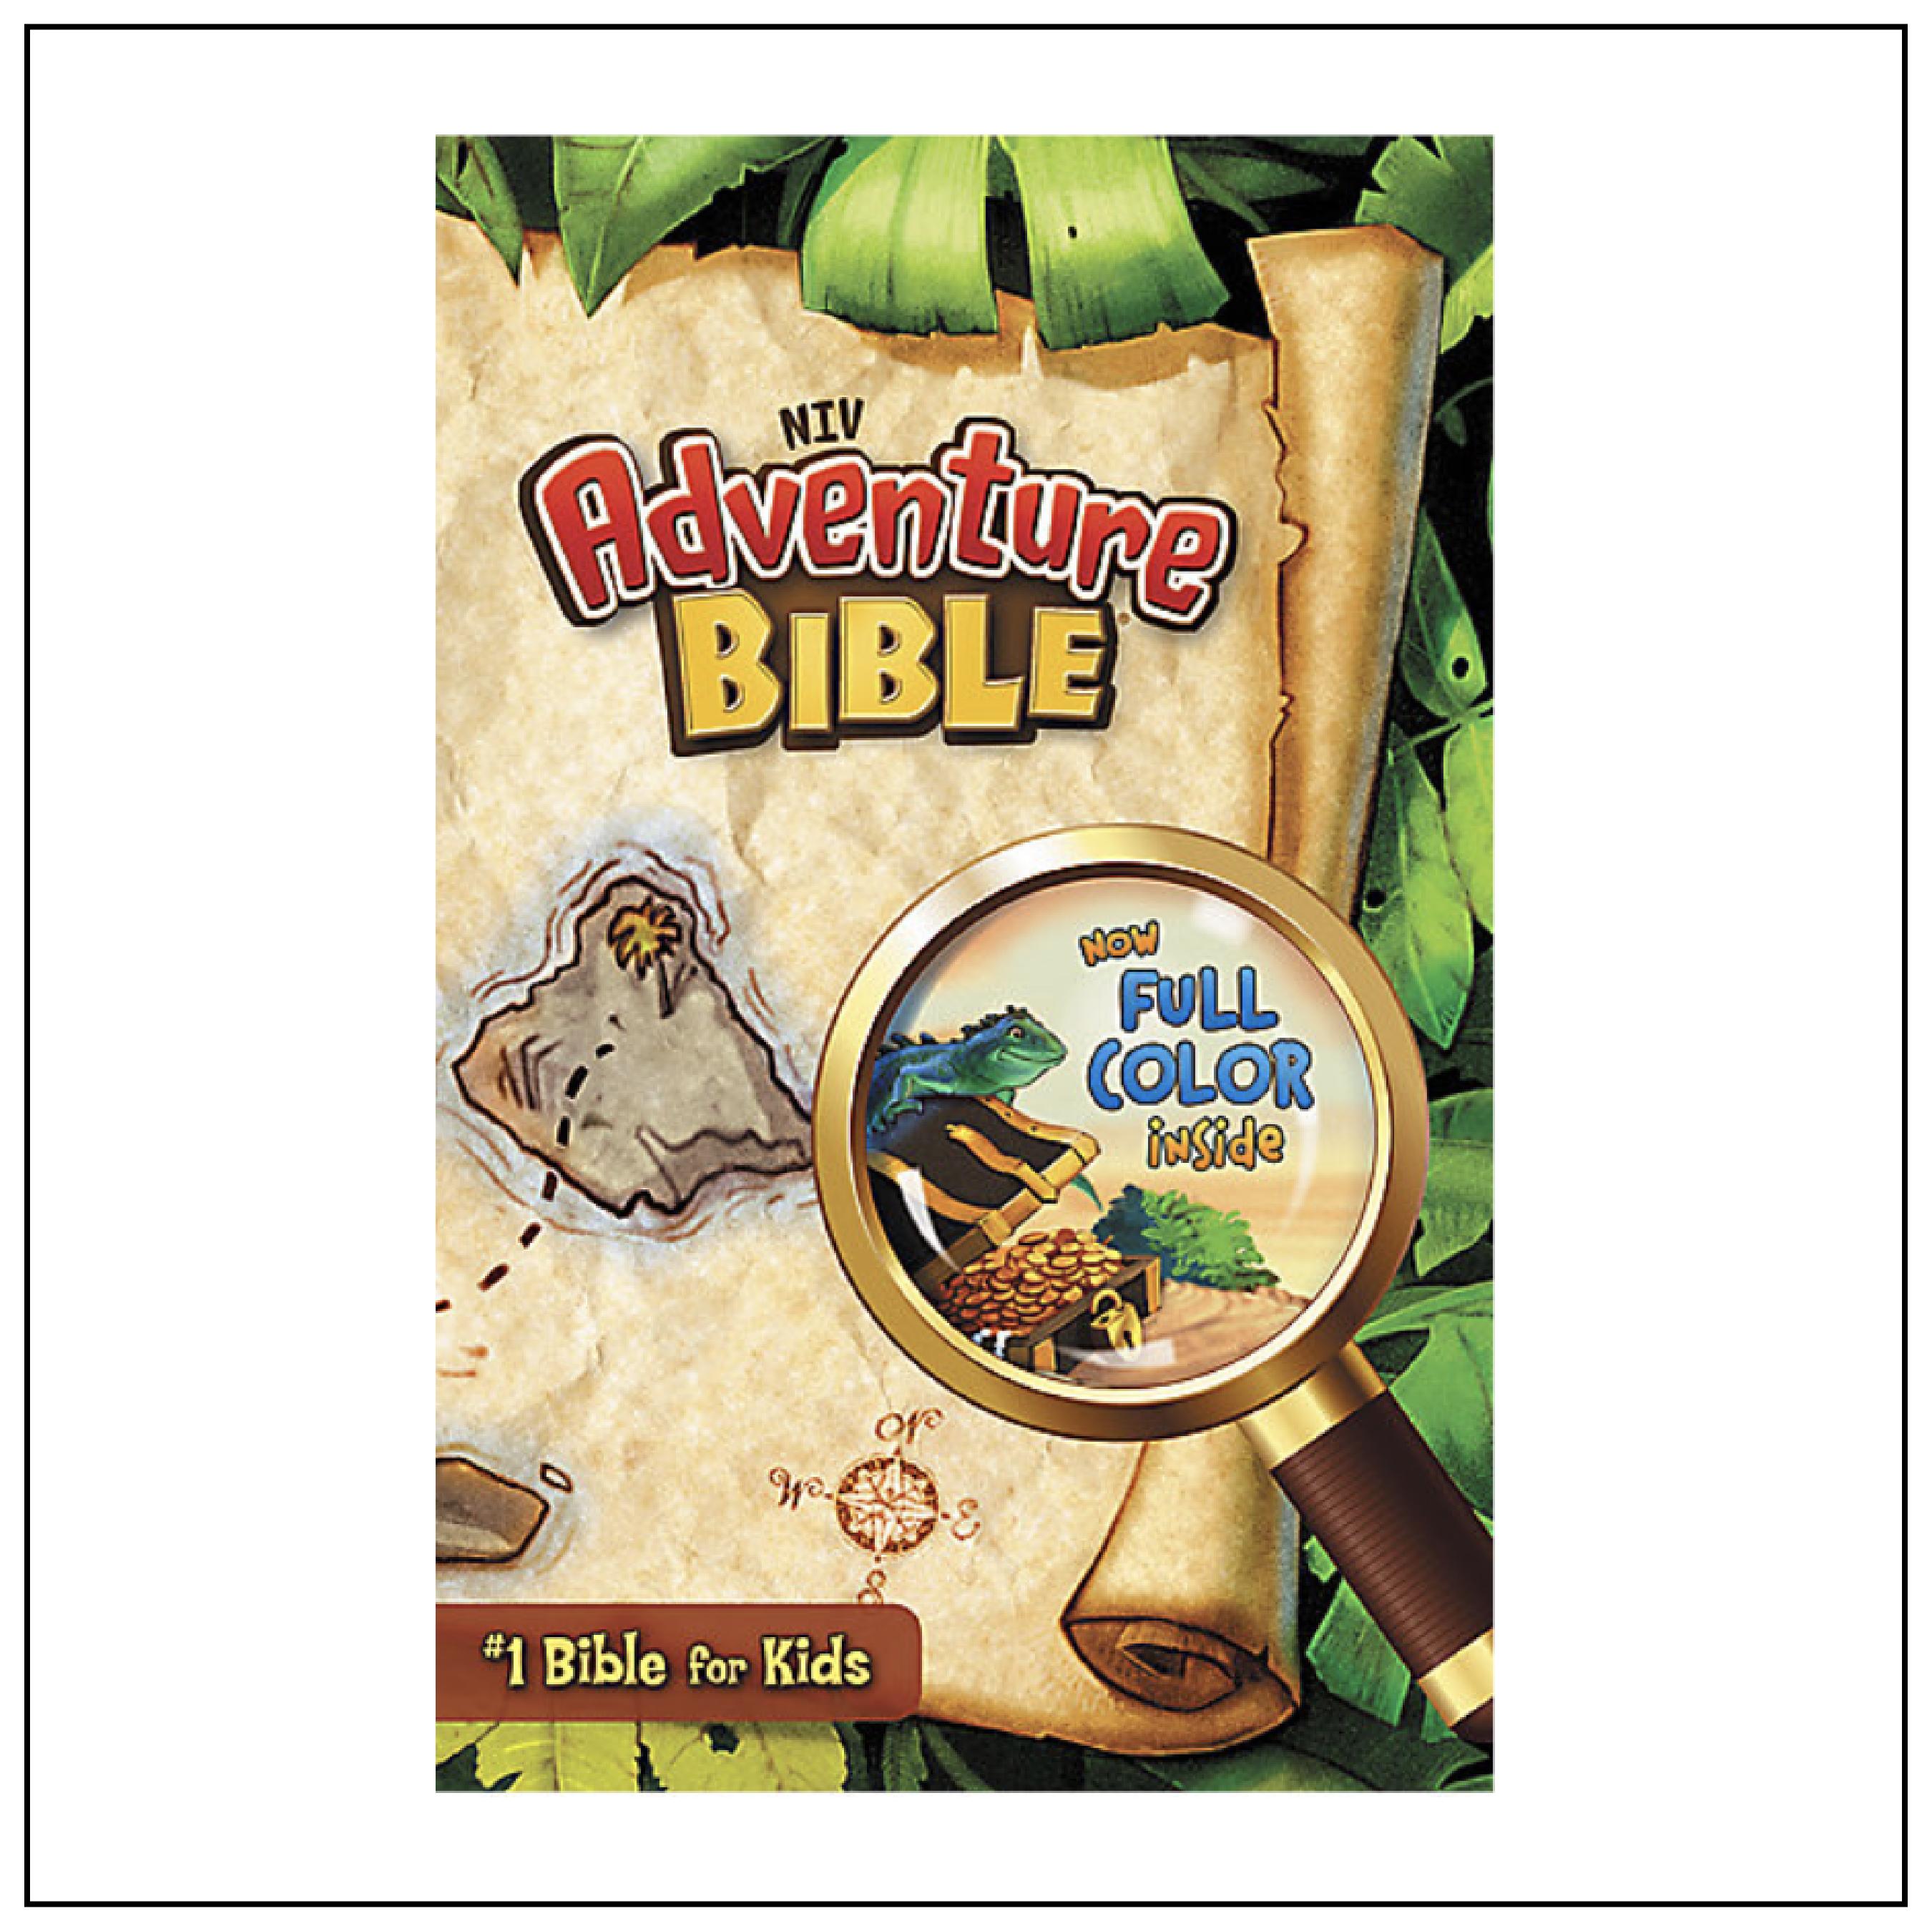 https://www.lifeway.com/en/product/niv-adventure-bible-hardcover-full-color-P005602018?intcmp=lw:recs:pdp:6&merch=rec:005602018